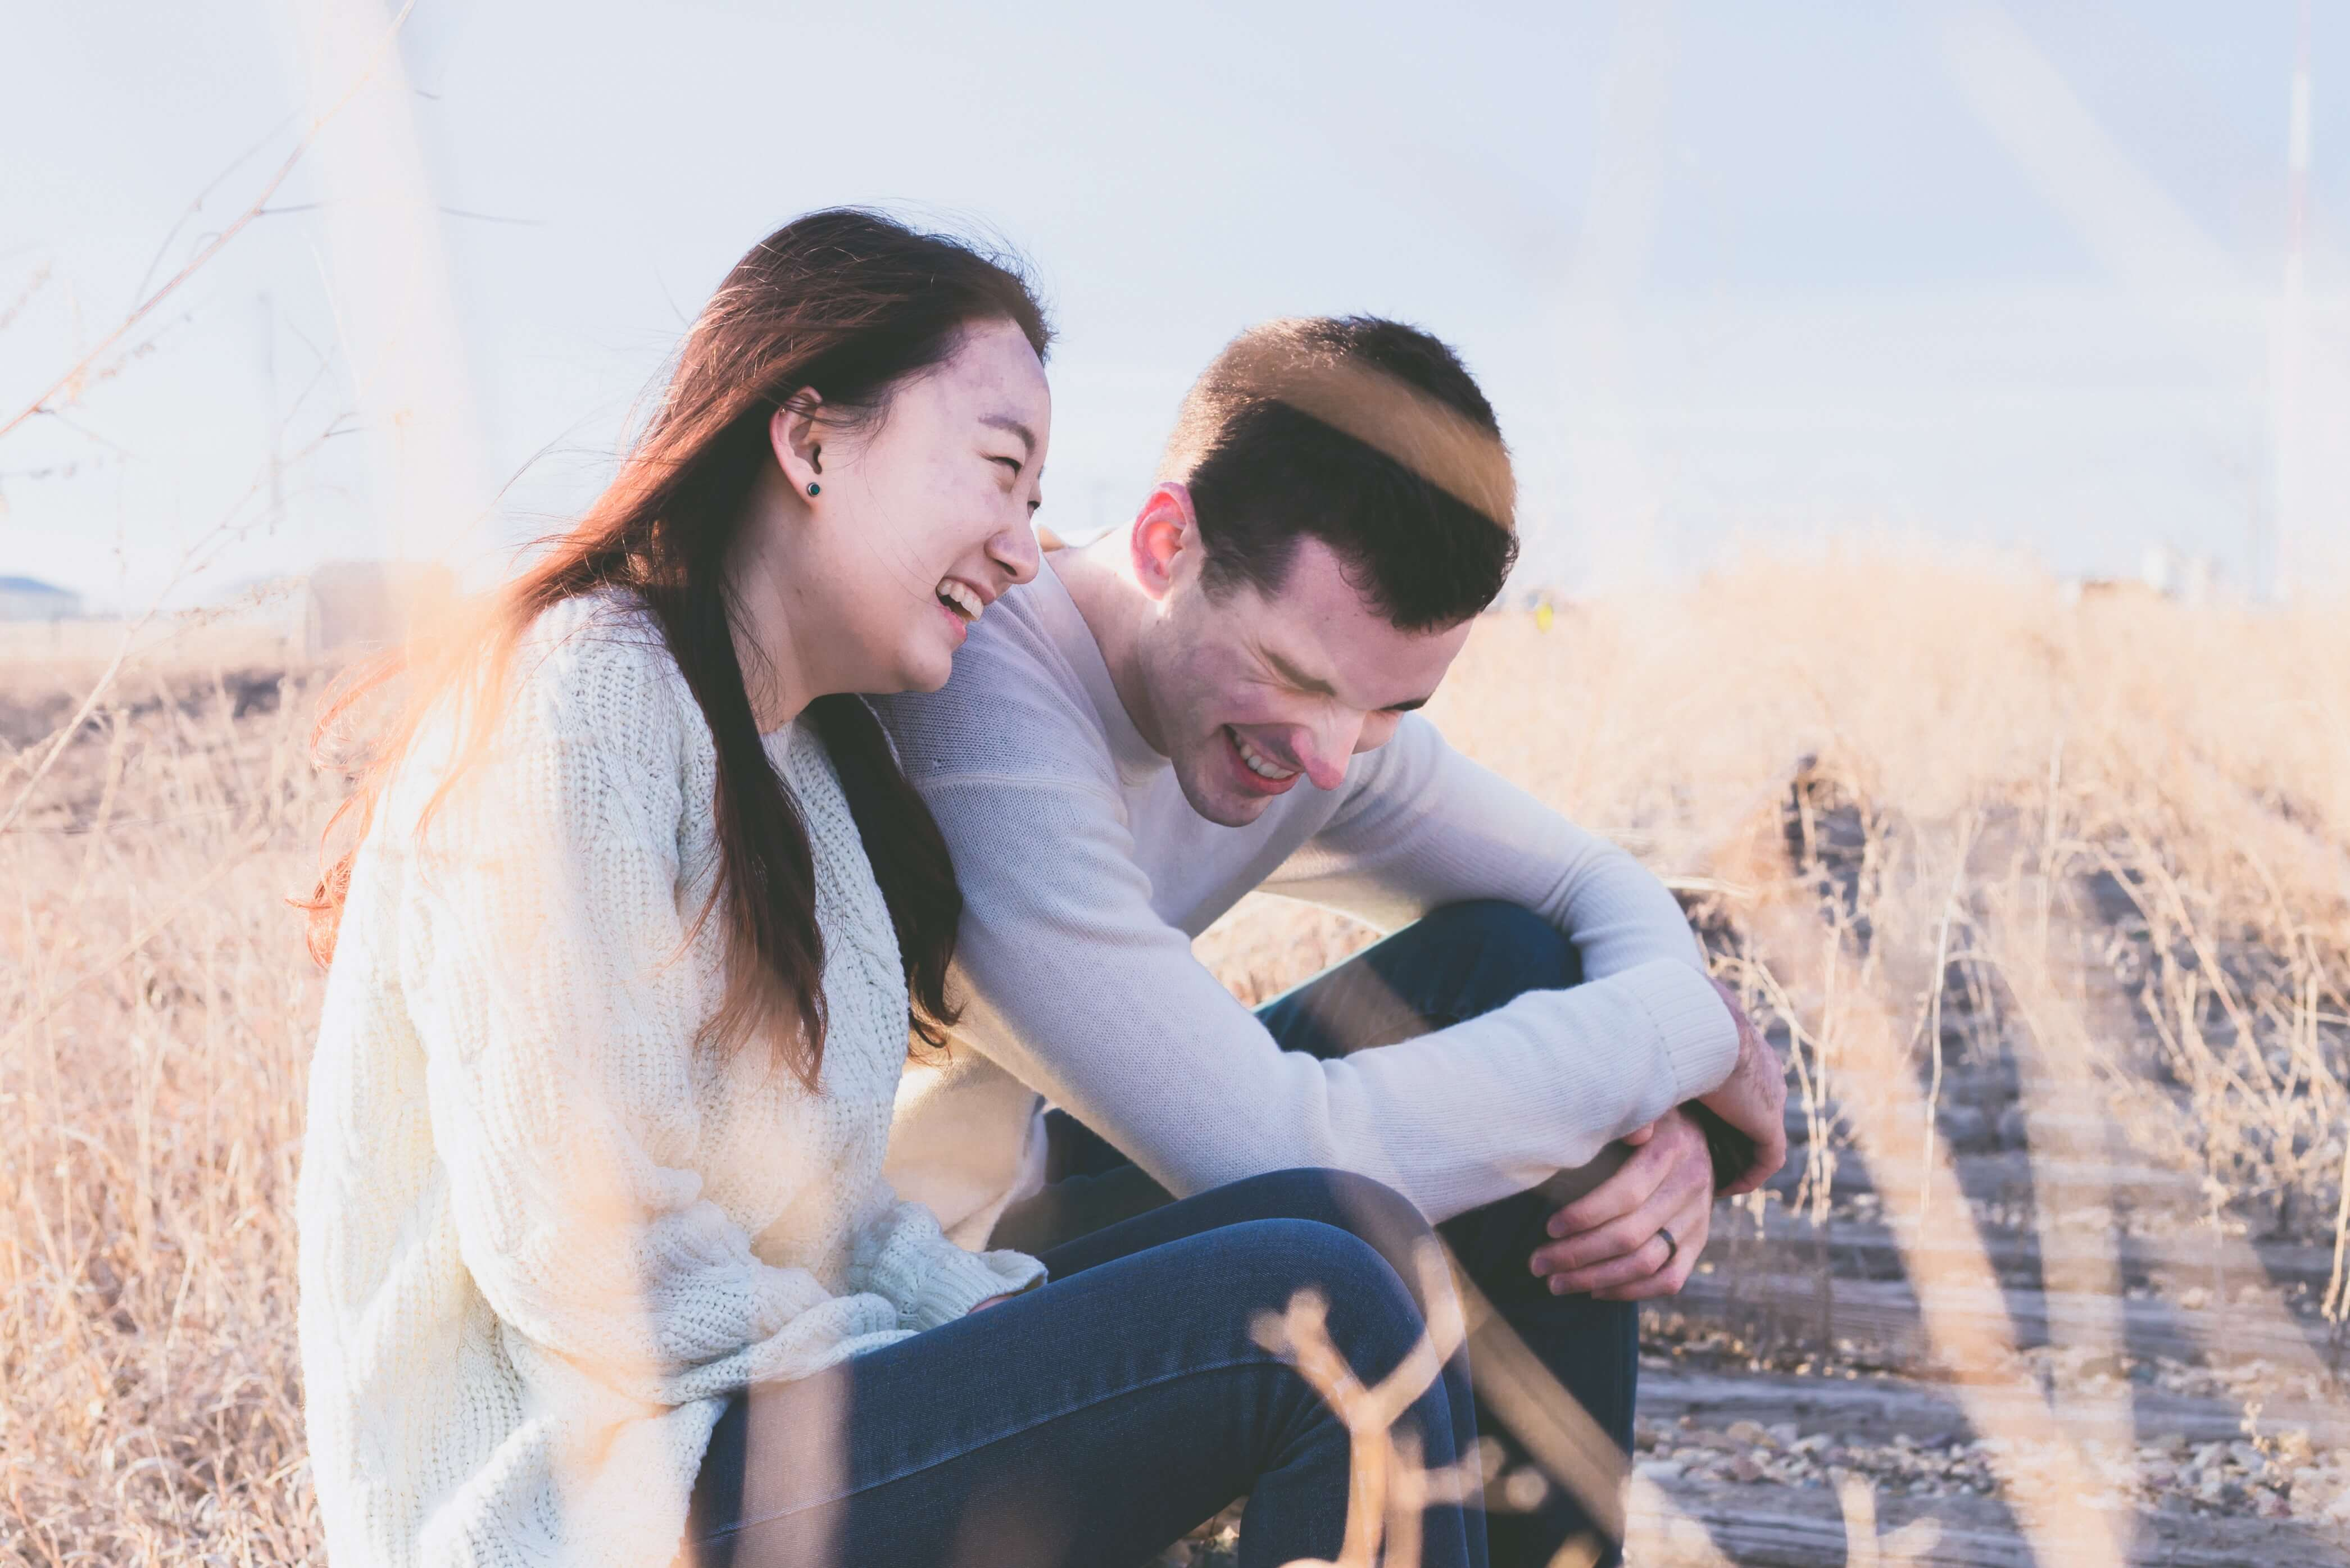 【夫婦関係、恋愛にも!】男女の違いについての本で学んだコミュニケーション術【女性→男性】